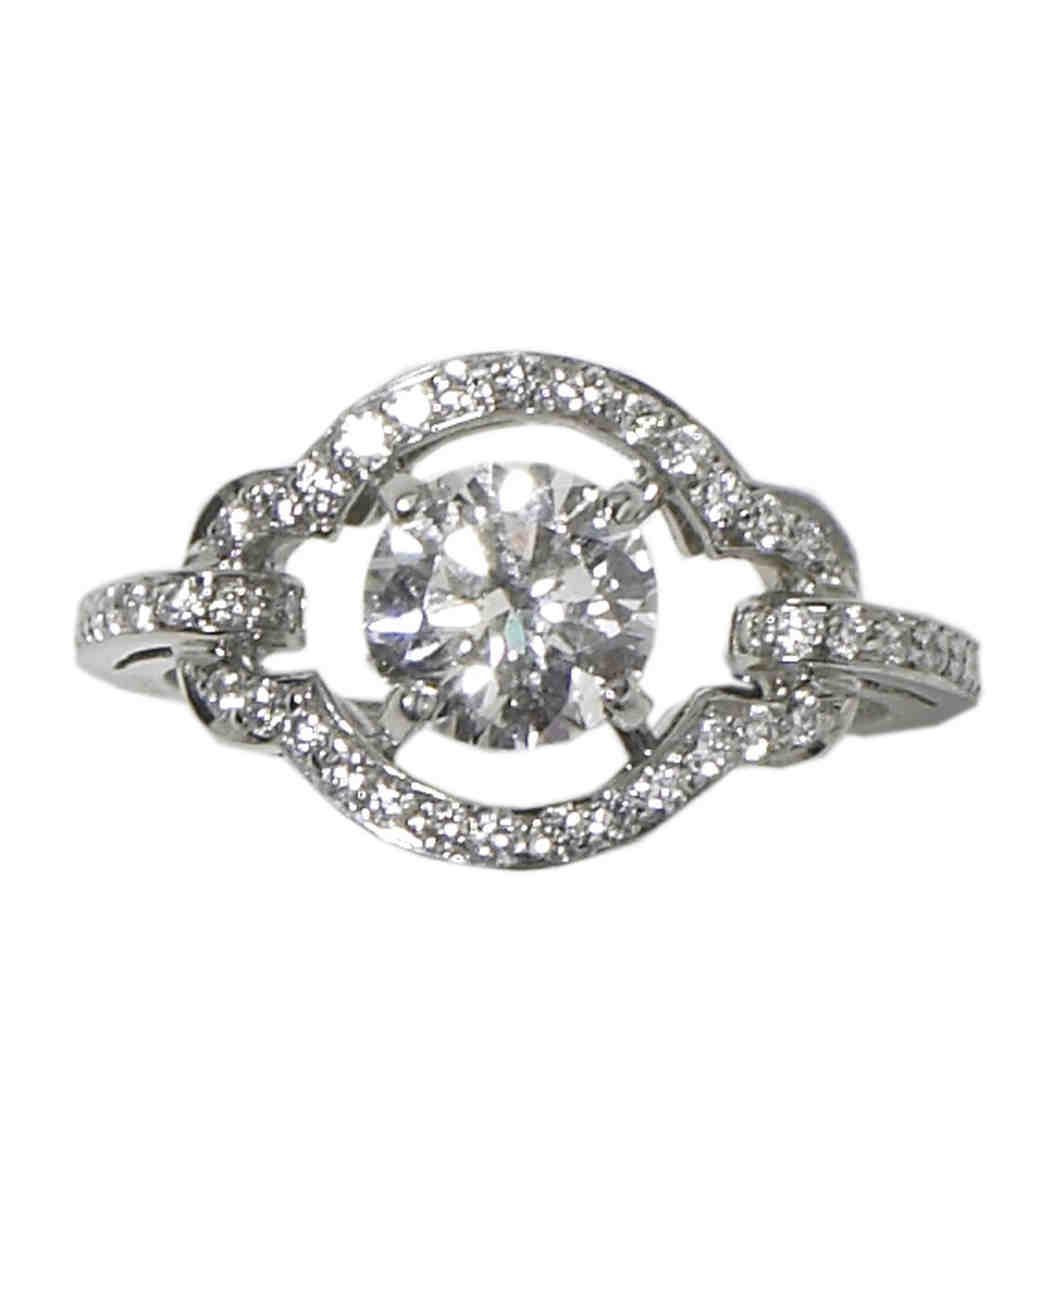 wd404606_spr09_jewelry19.jpg